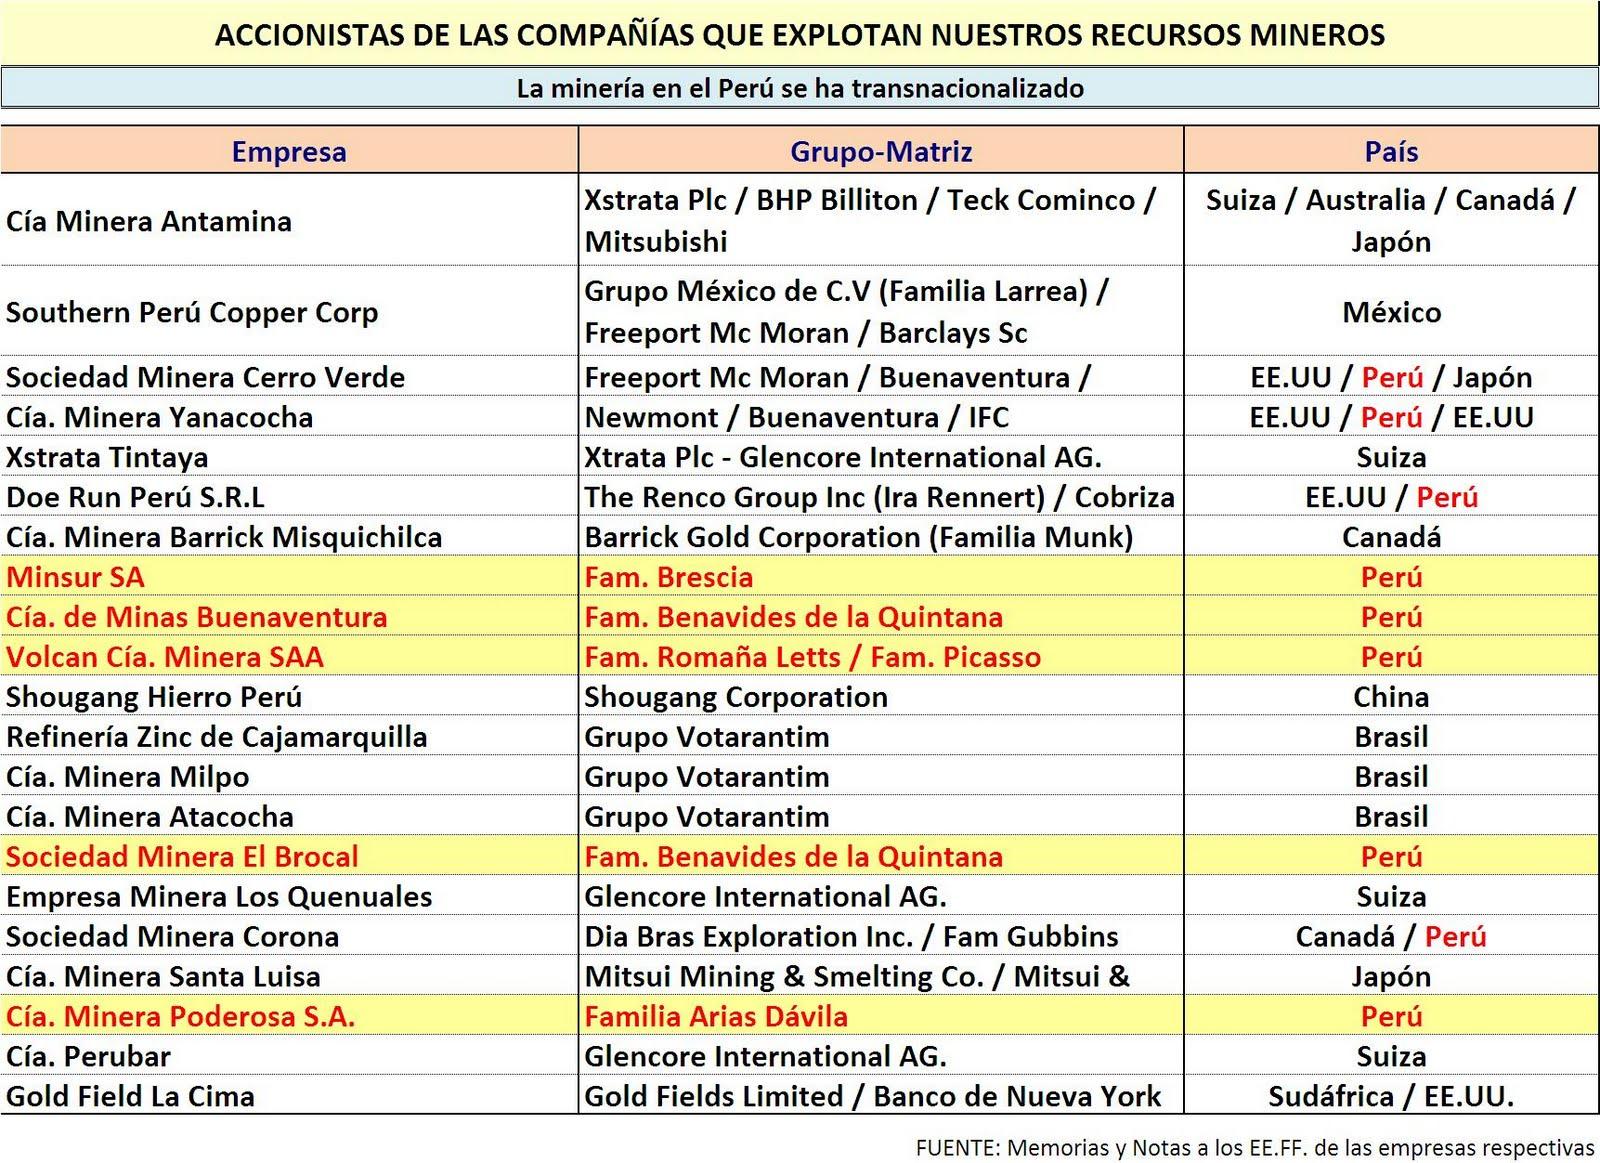 Kuraka  Minería y Energía  PERÚ  GRAN EMPRESA PEQUEÑA NACIÓN b4b6f3b014a